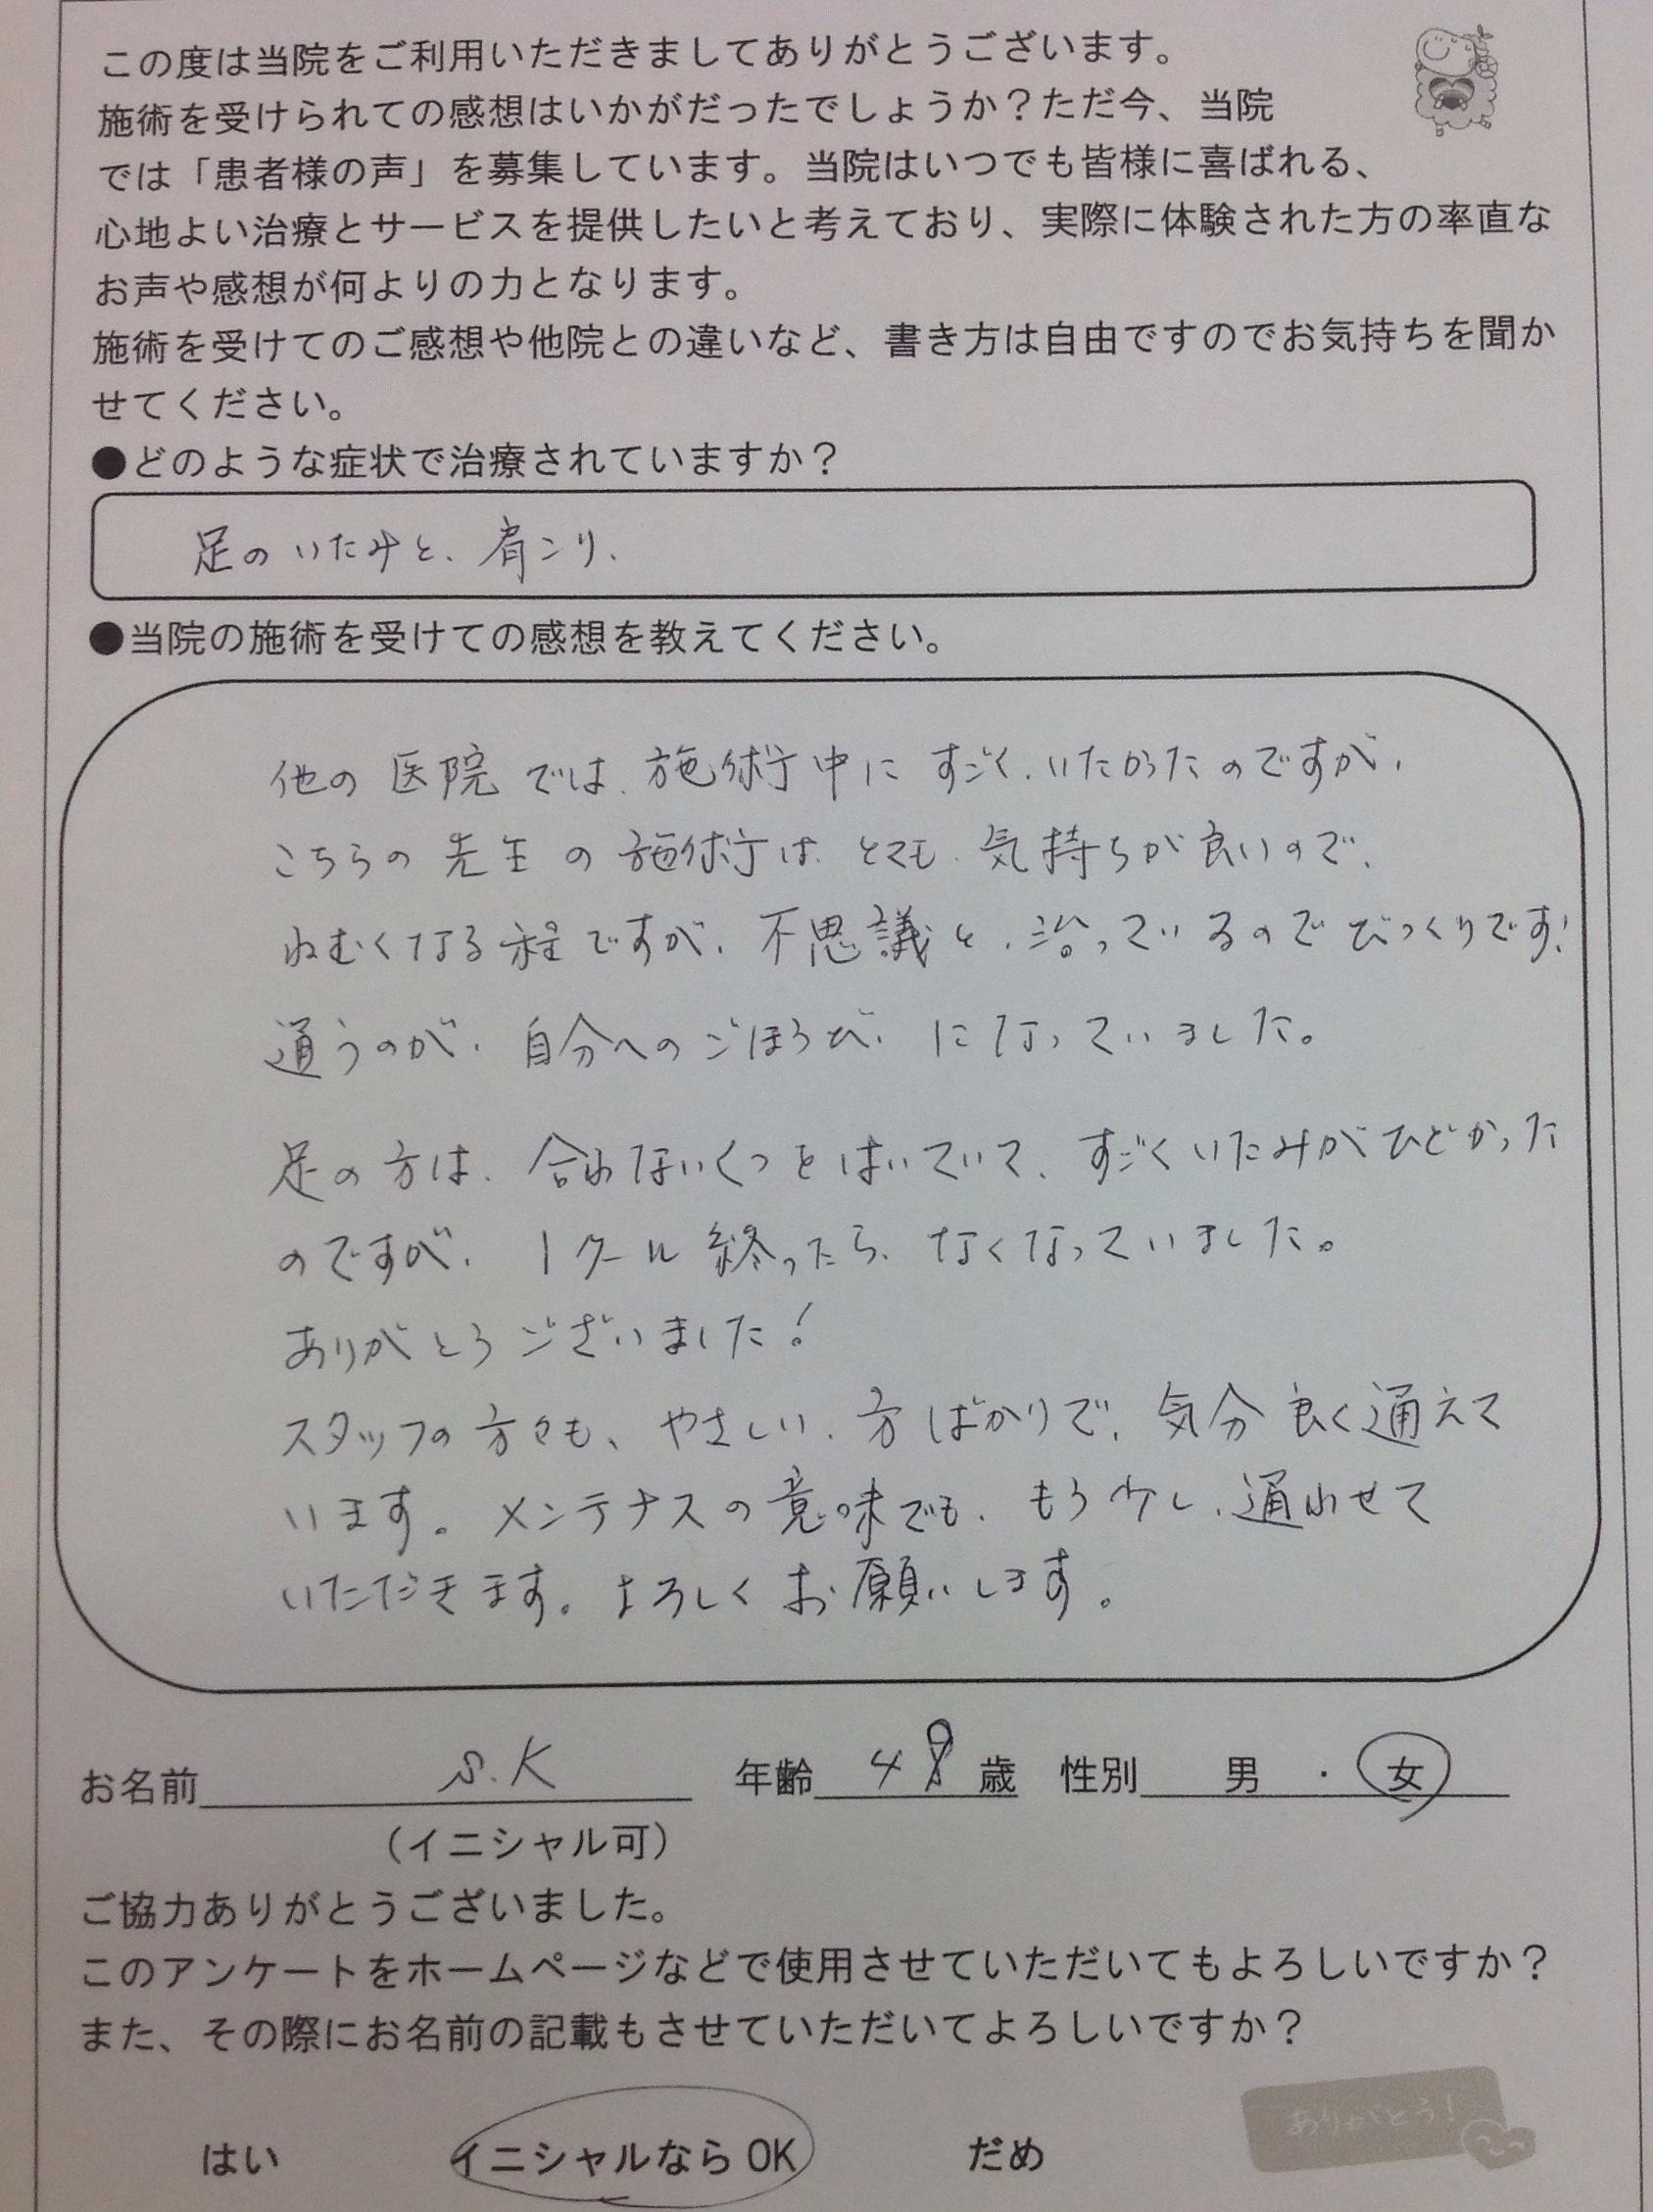 児玉様コメント.JPG